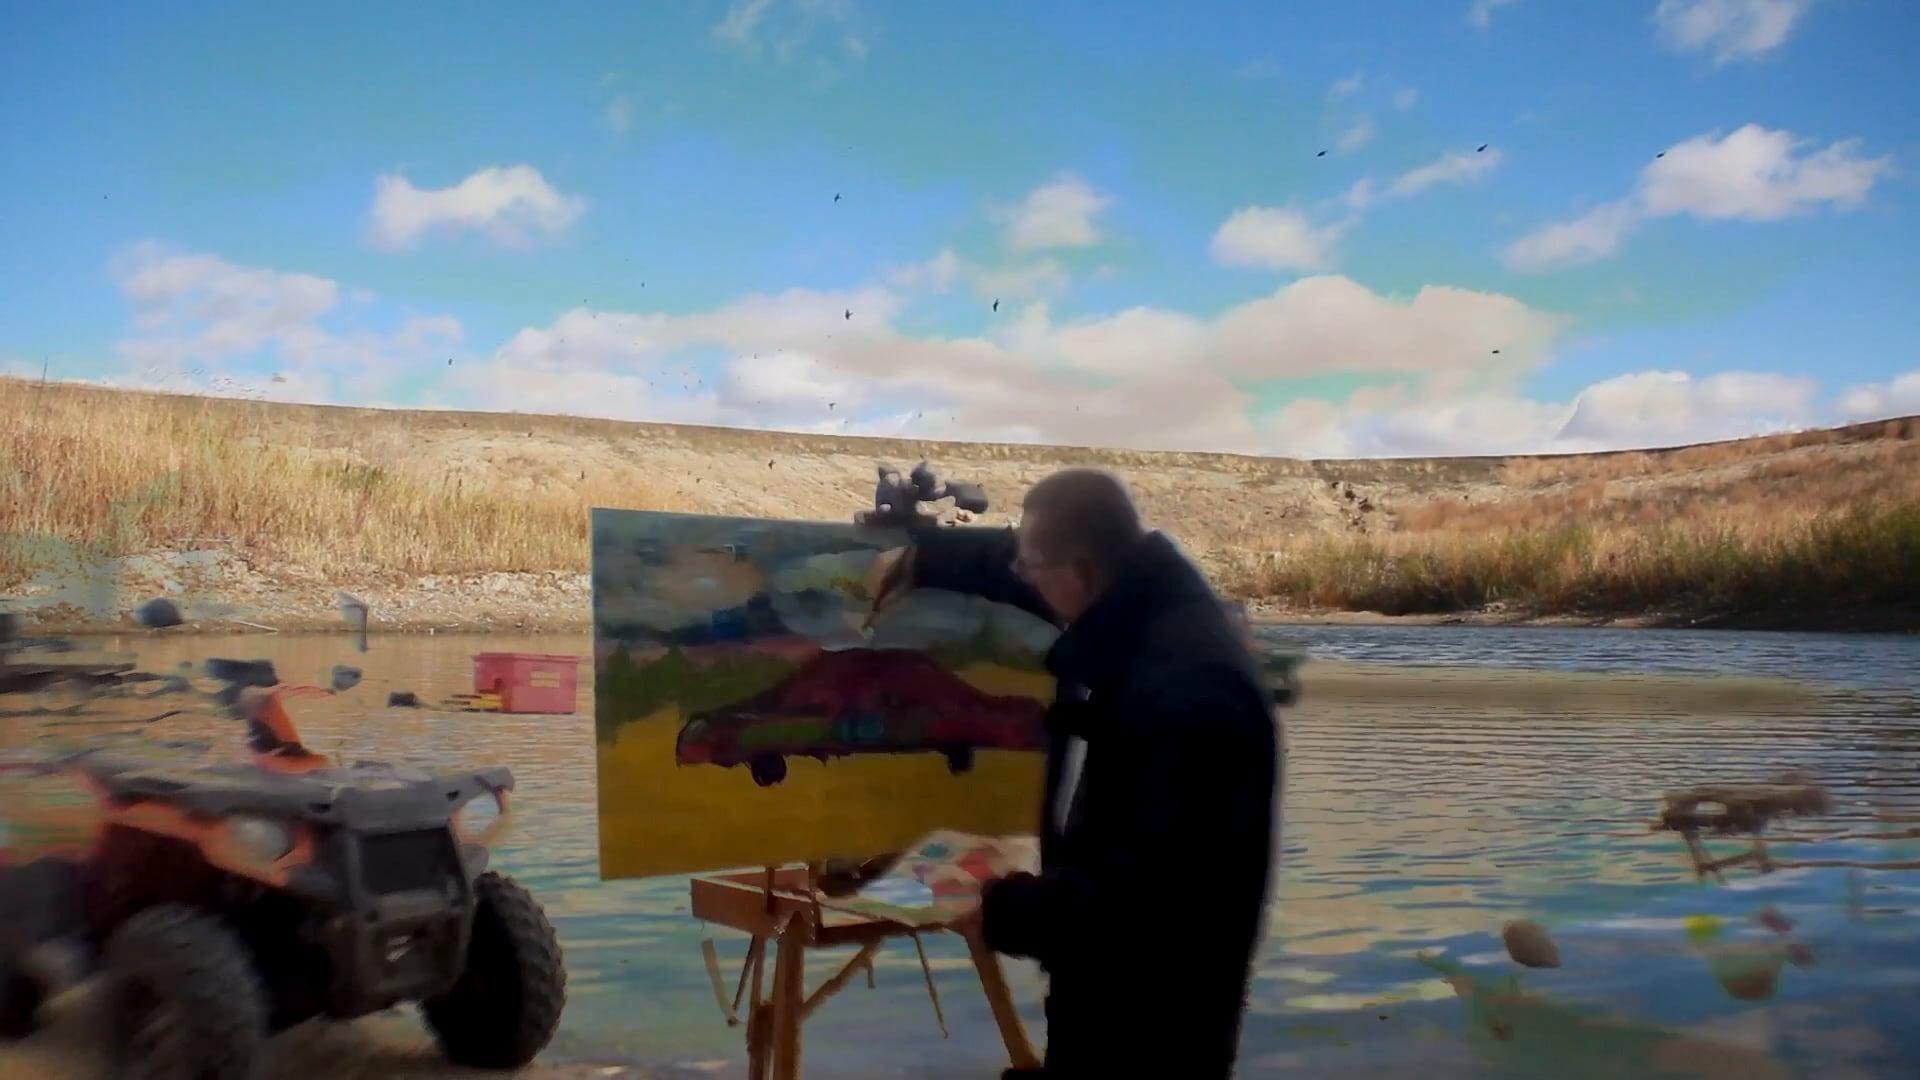 L'artiste fransaskois Lord Byrun crée un tableau d'une voiture multicolore. En arrière-plan se trouve un petit lac et un champ.